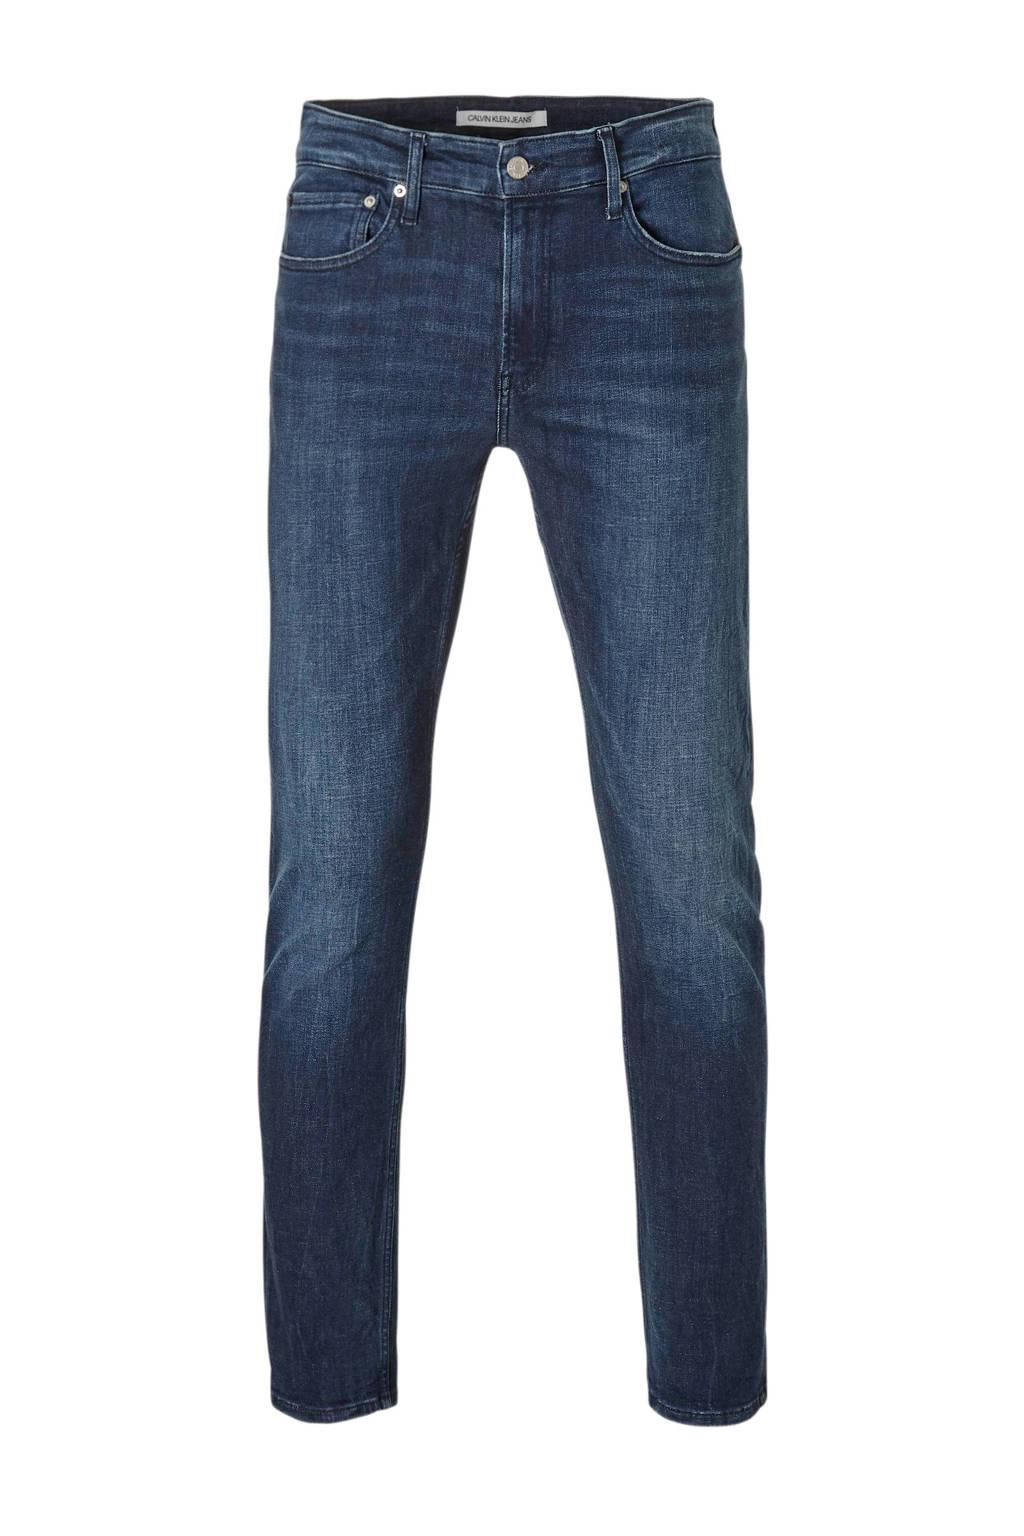 Calvin Klein Jeans slim fit jeans 026, Dark denim